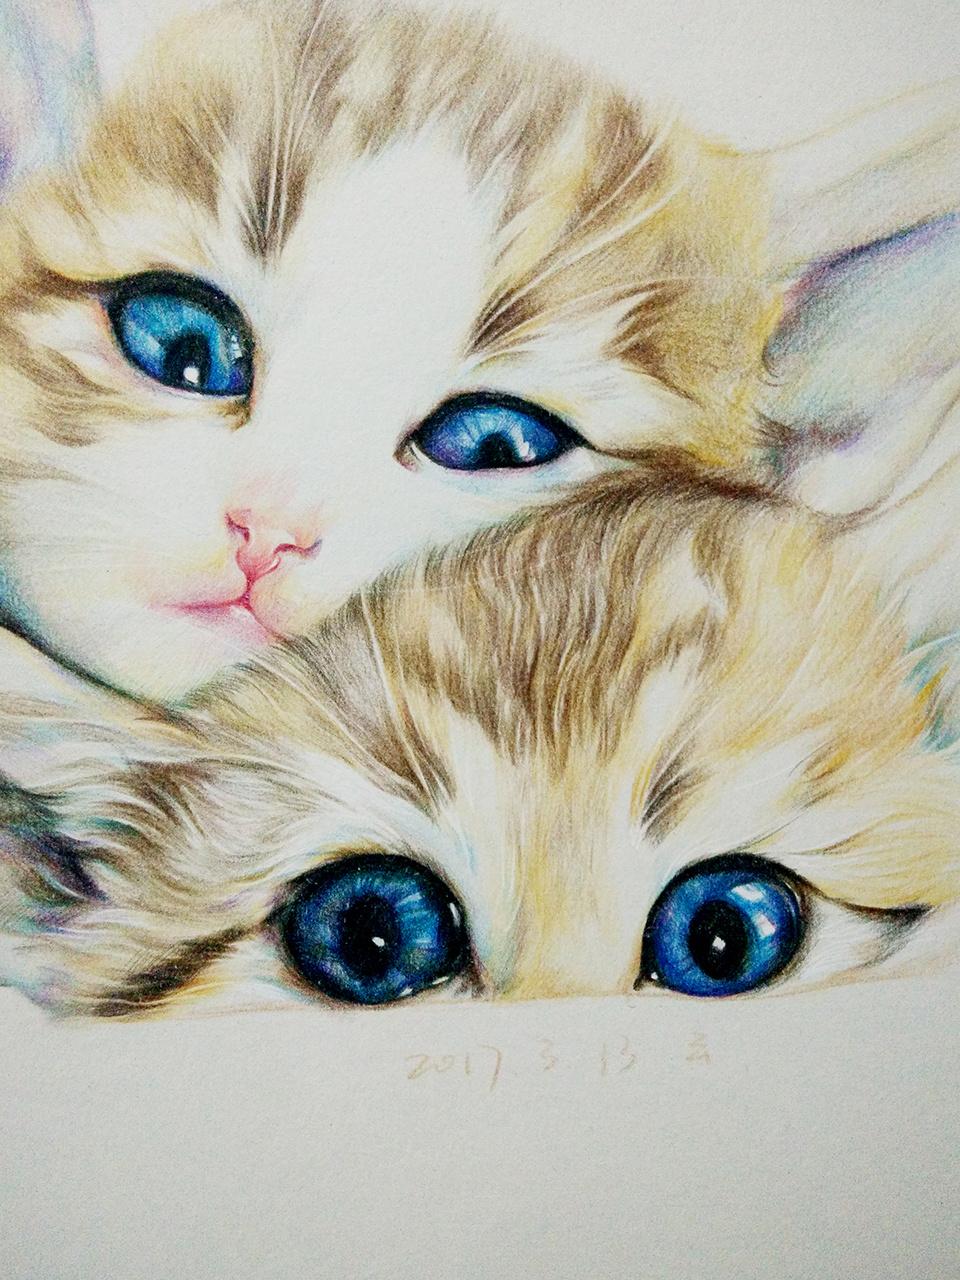 彩铅猫咪|纯艺术|彩铅|会画画的云 - 原创作品 - 站酷